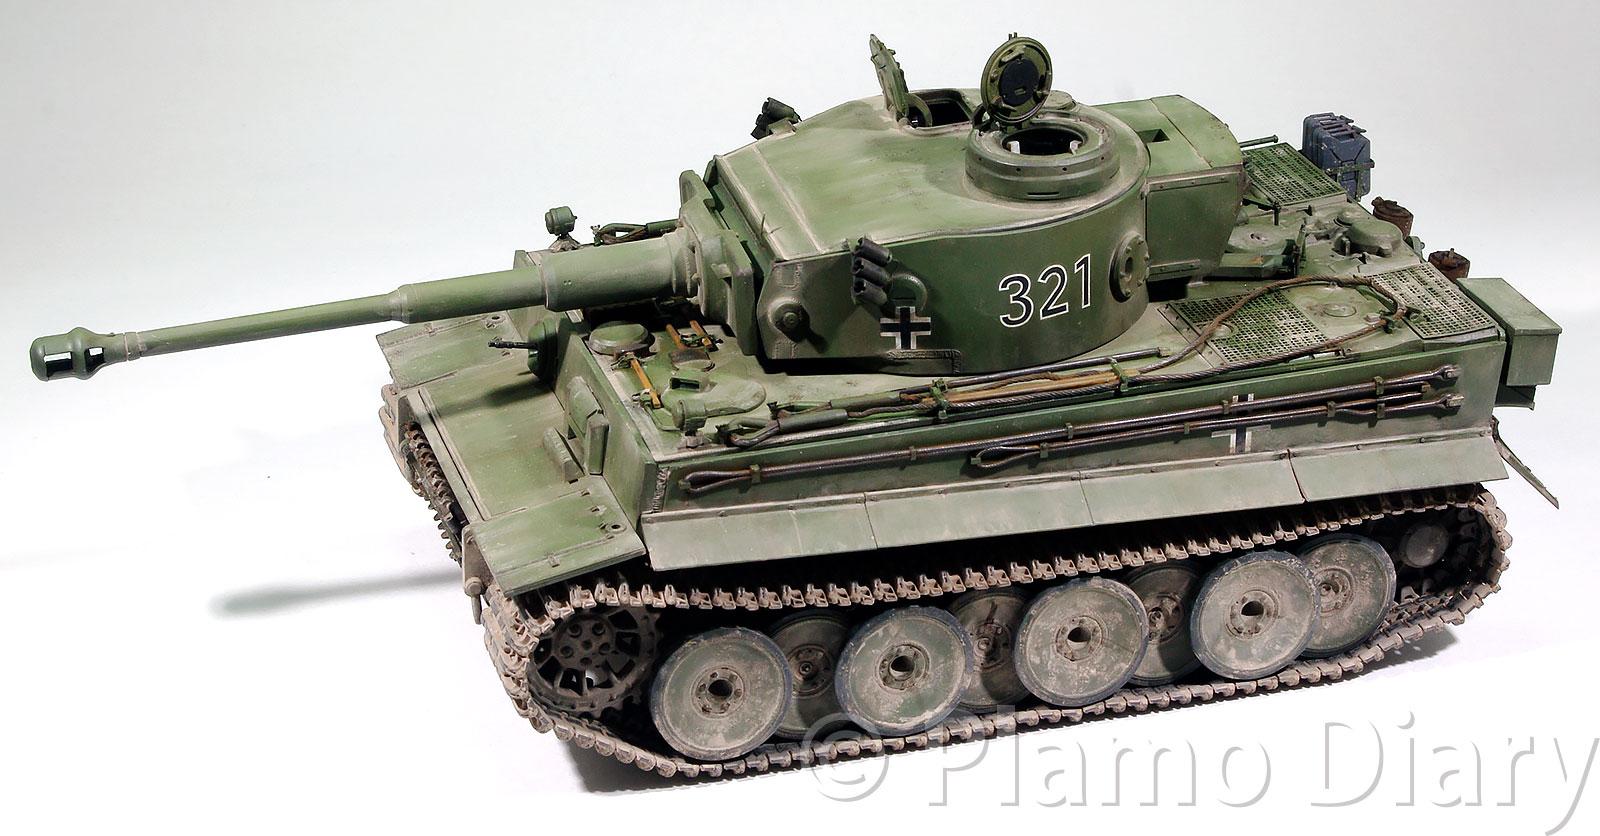 ティーガー1初期生産型(フルインテリア) 1/35 ライフィールドモデル